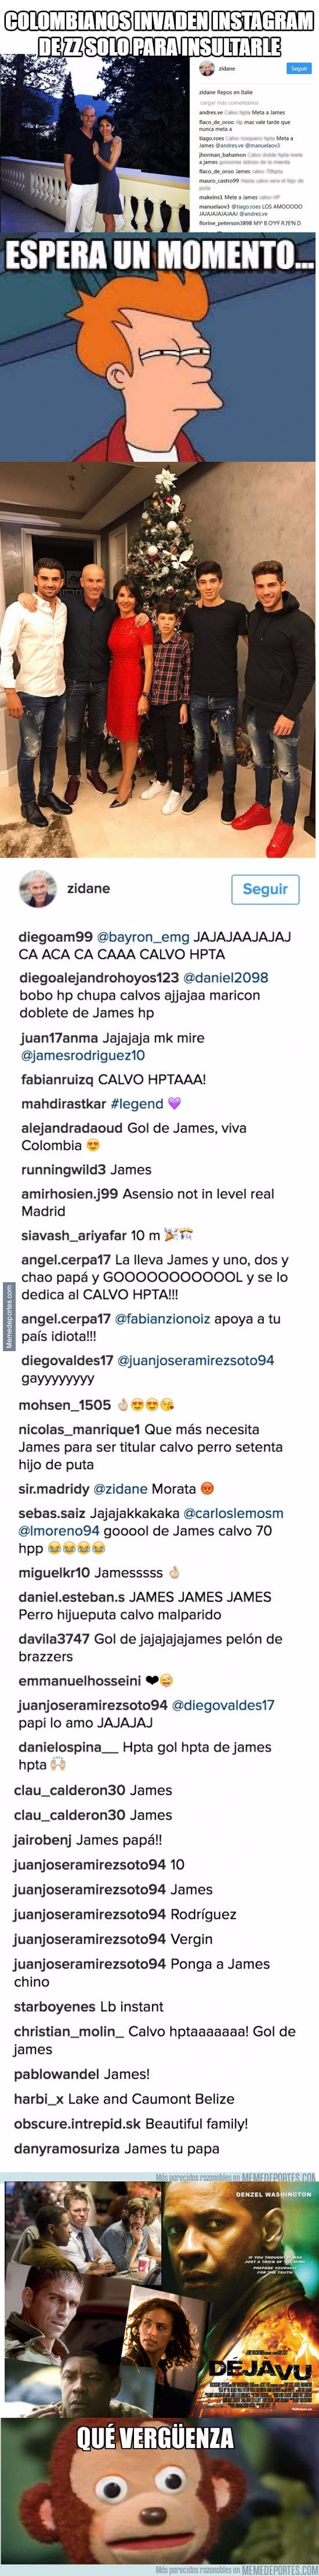 981944 - Los colombianos llenan el Instagram de Zidane de insultos